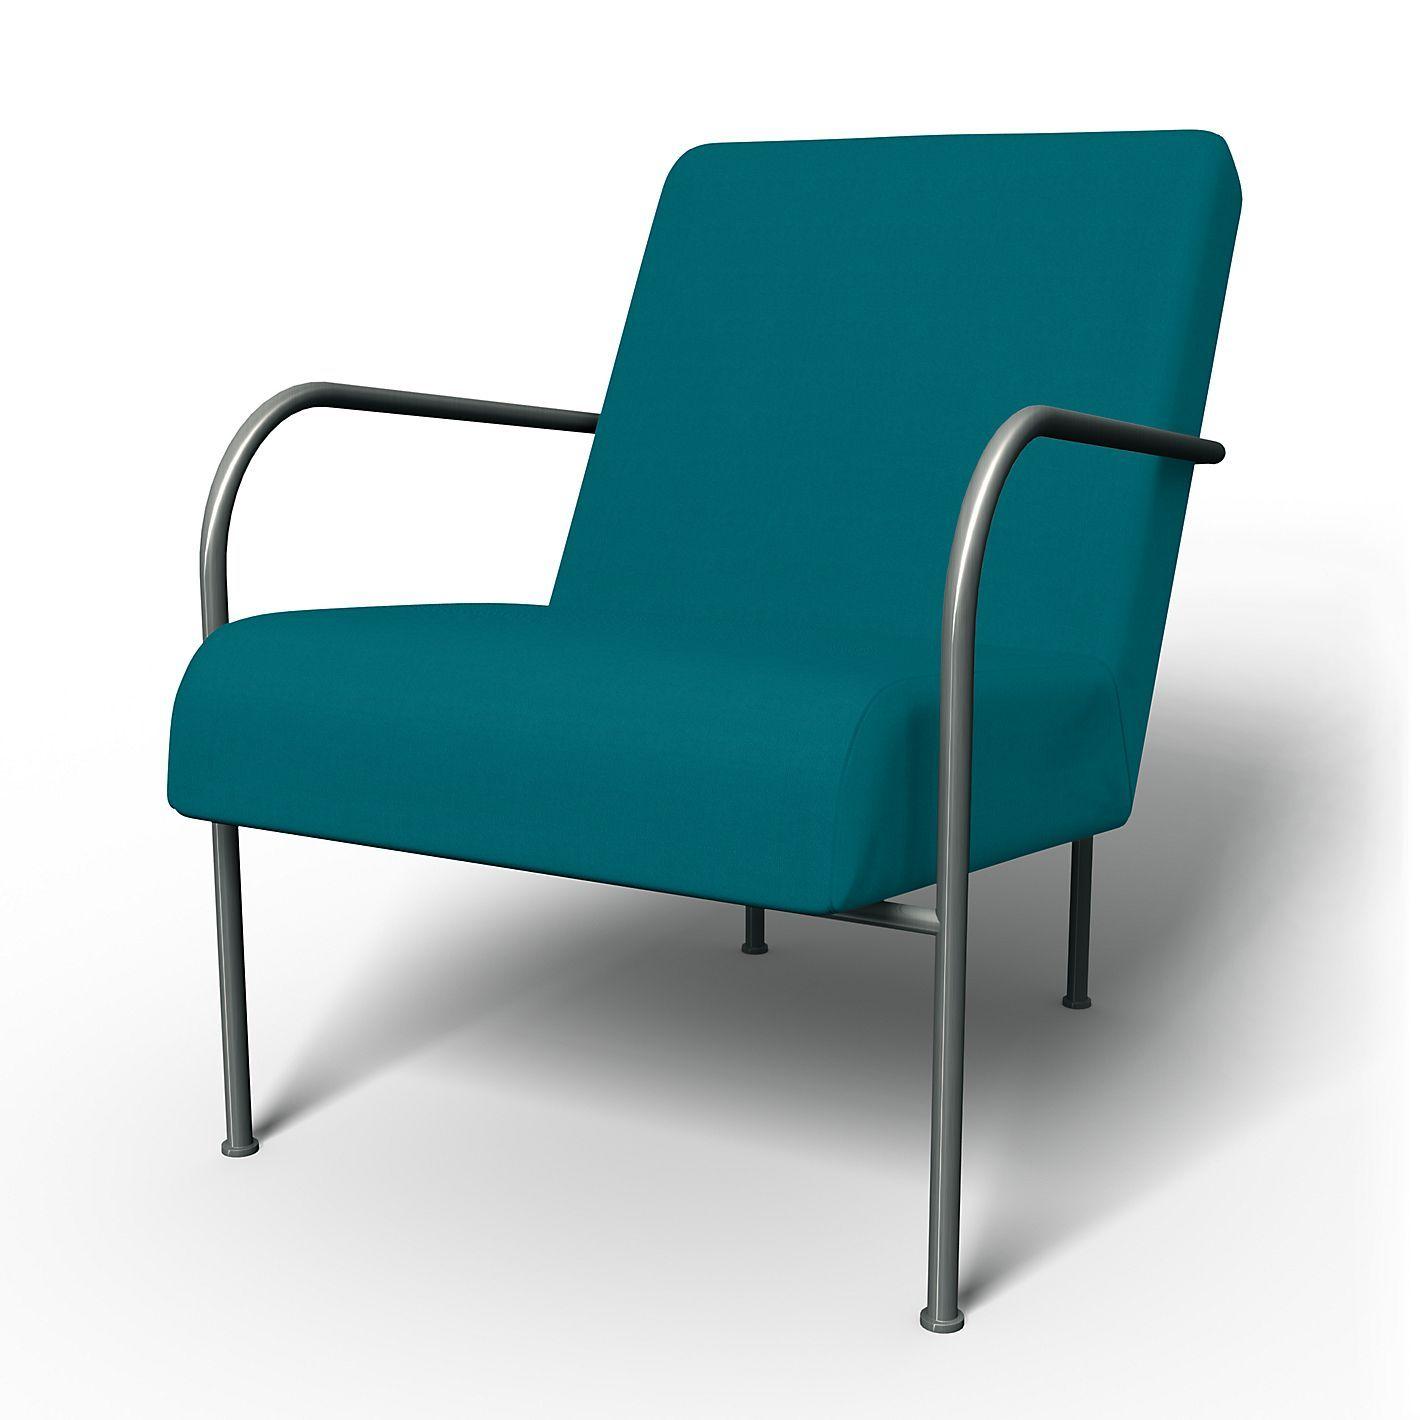 Ikea Woonkamer Zitbanken En Fauteuils Textiel.Ikea Ps Housse De Fauteuil For My Home